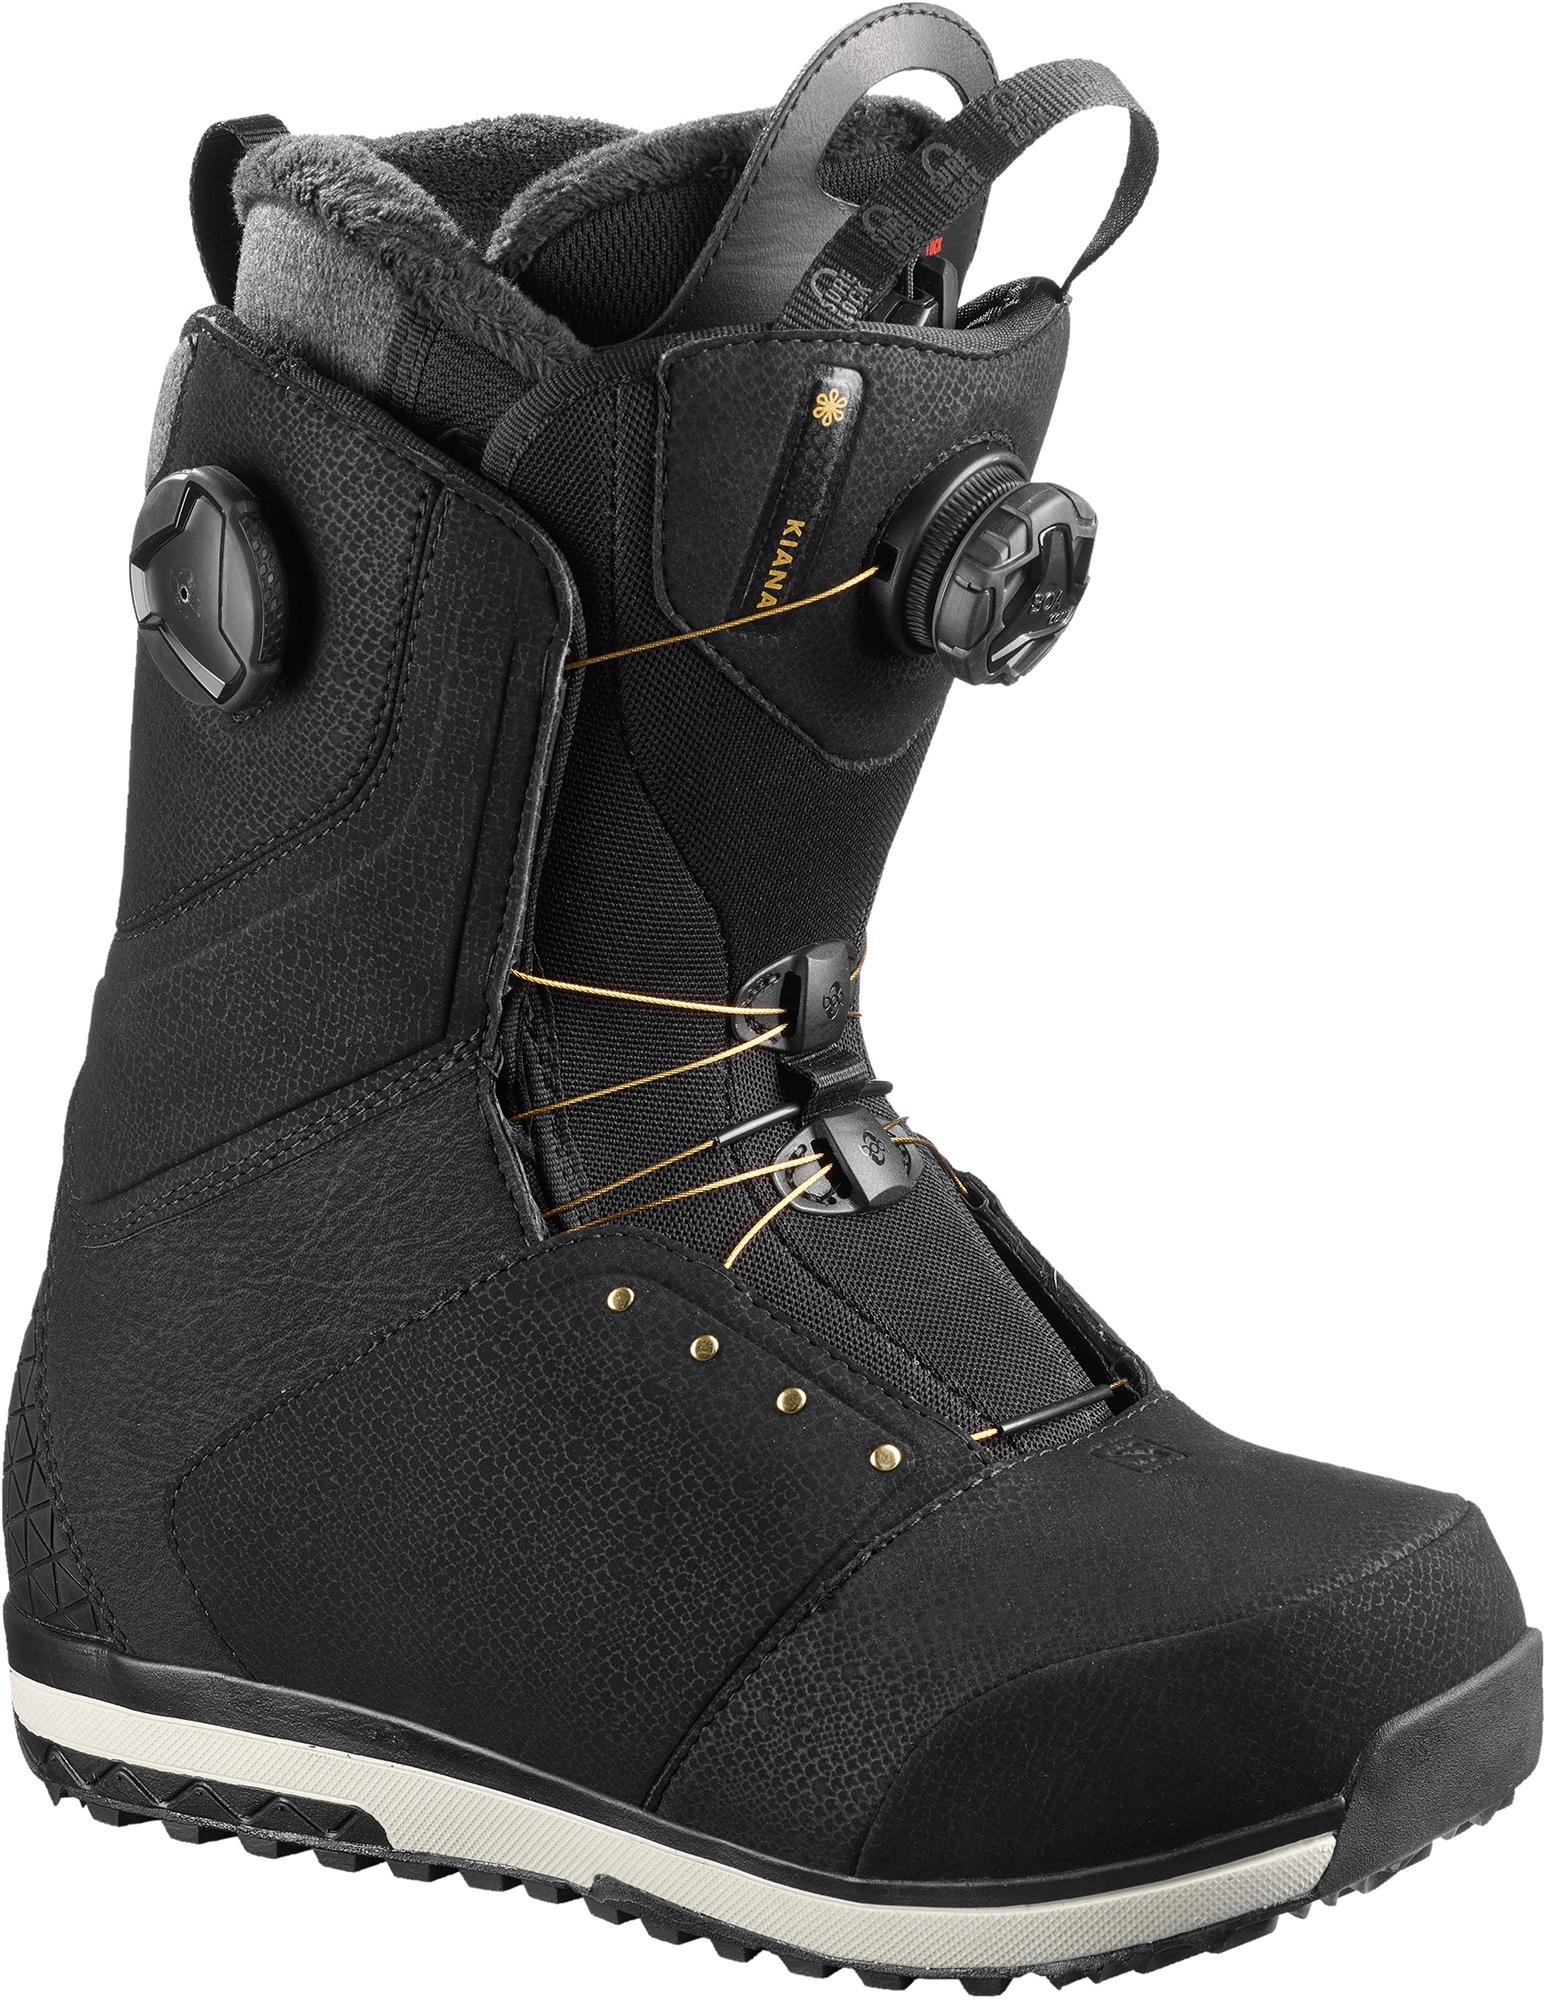 все цены на Salomon Сноубордические ботинки женские Salomon Kiana Focus Boa, размер 37 онлайн